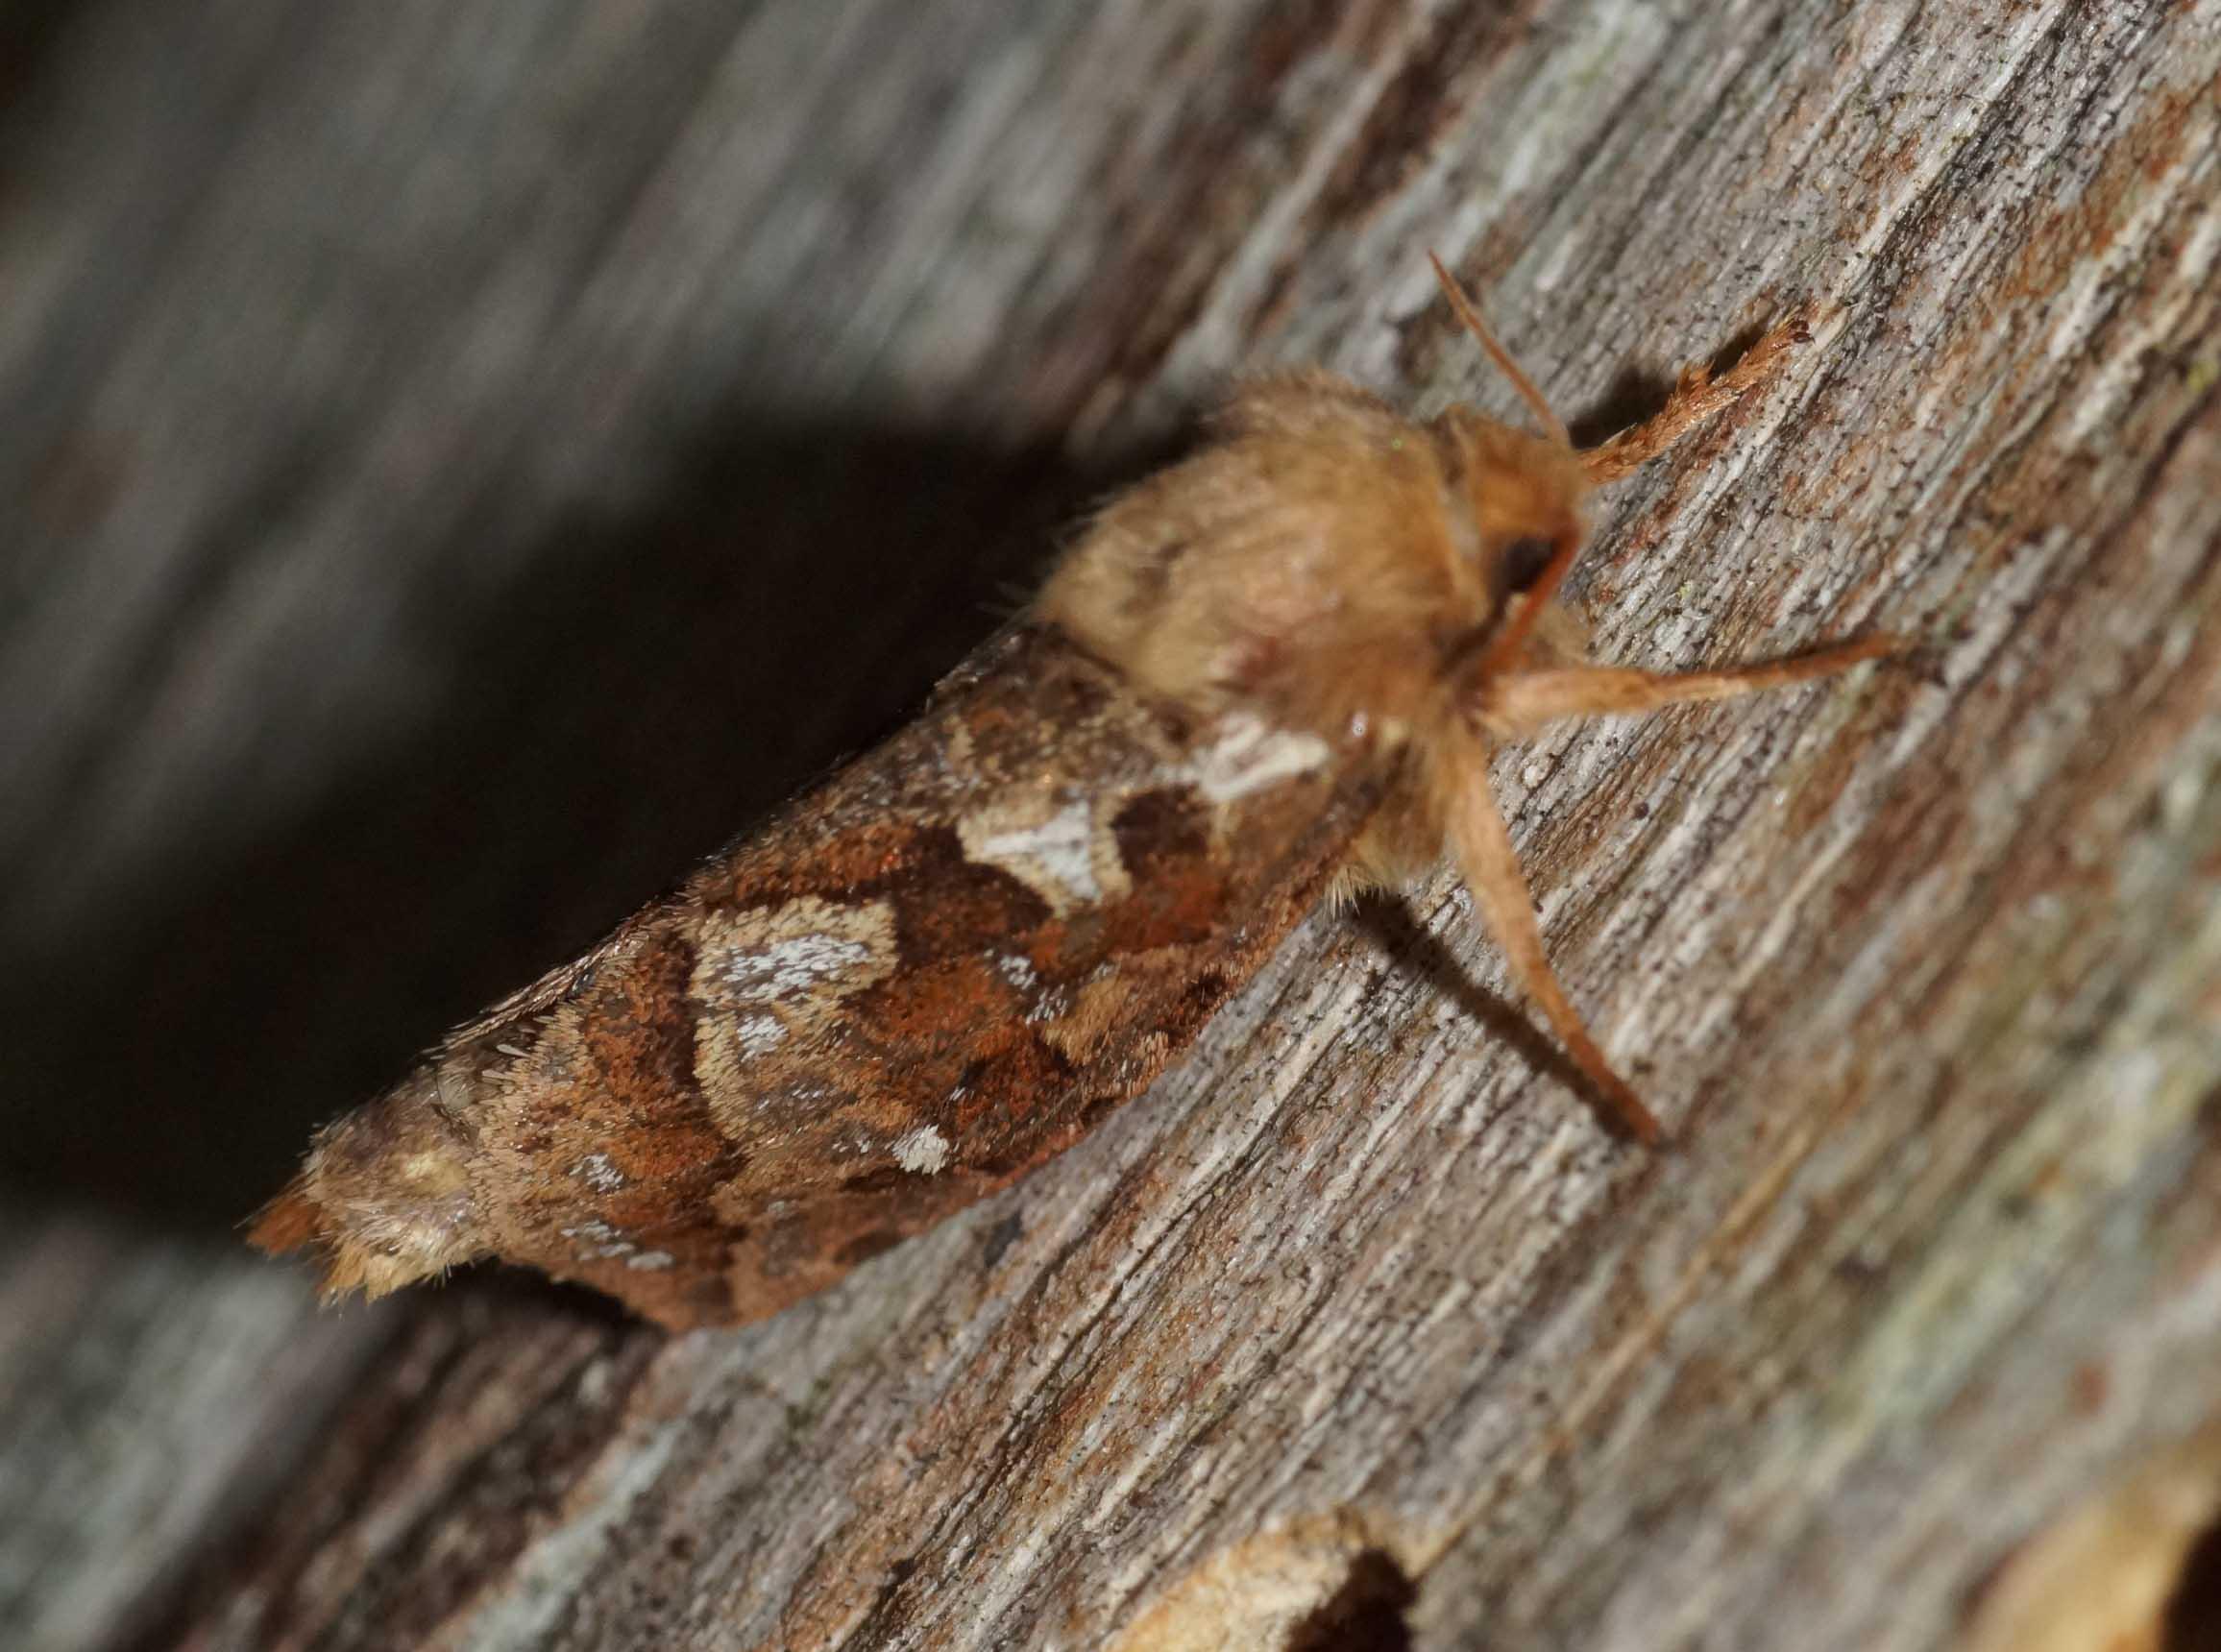 Ørnebregnerodæder (Korscheltellus fusconebulosa)